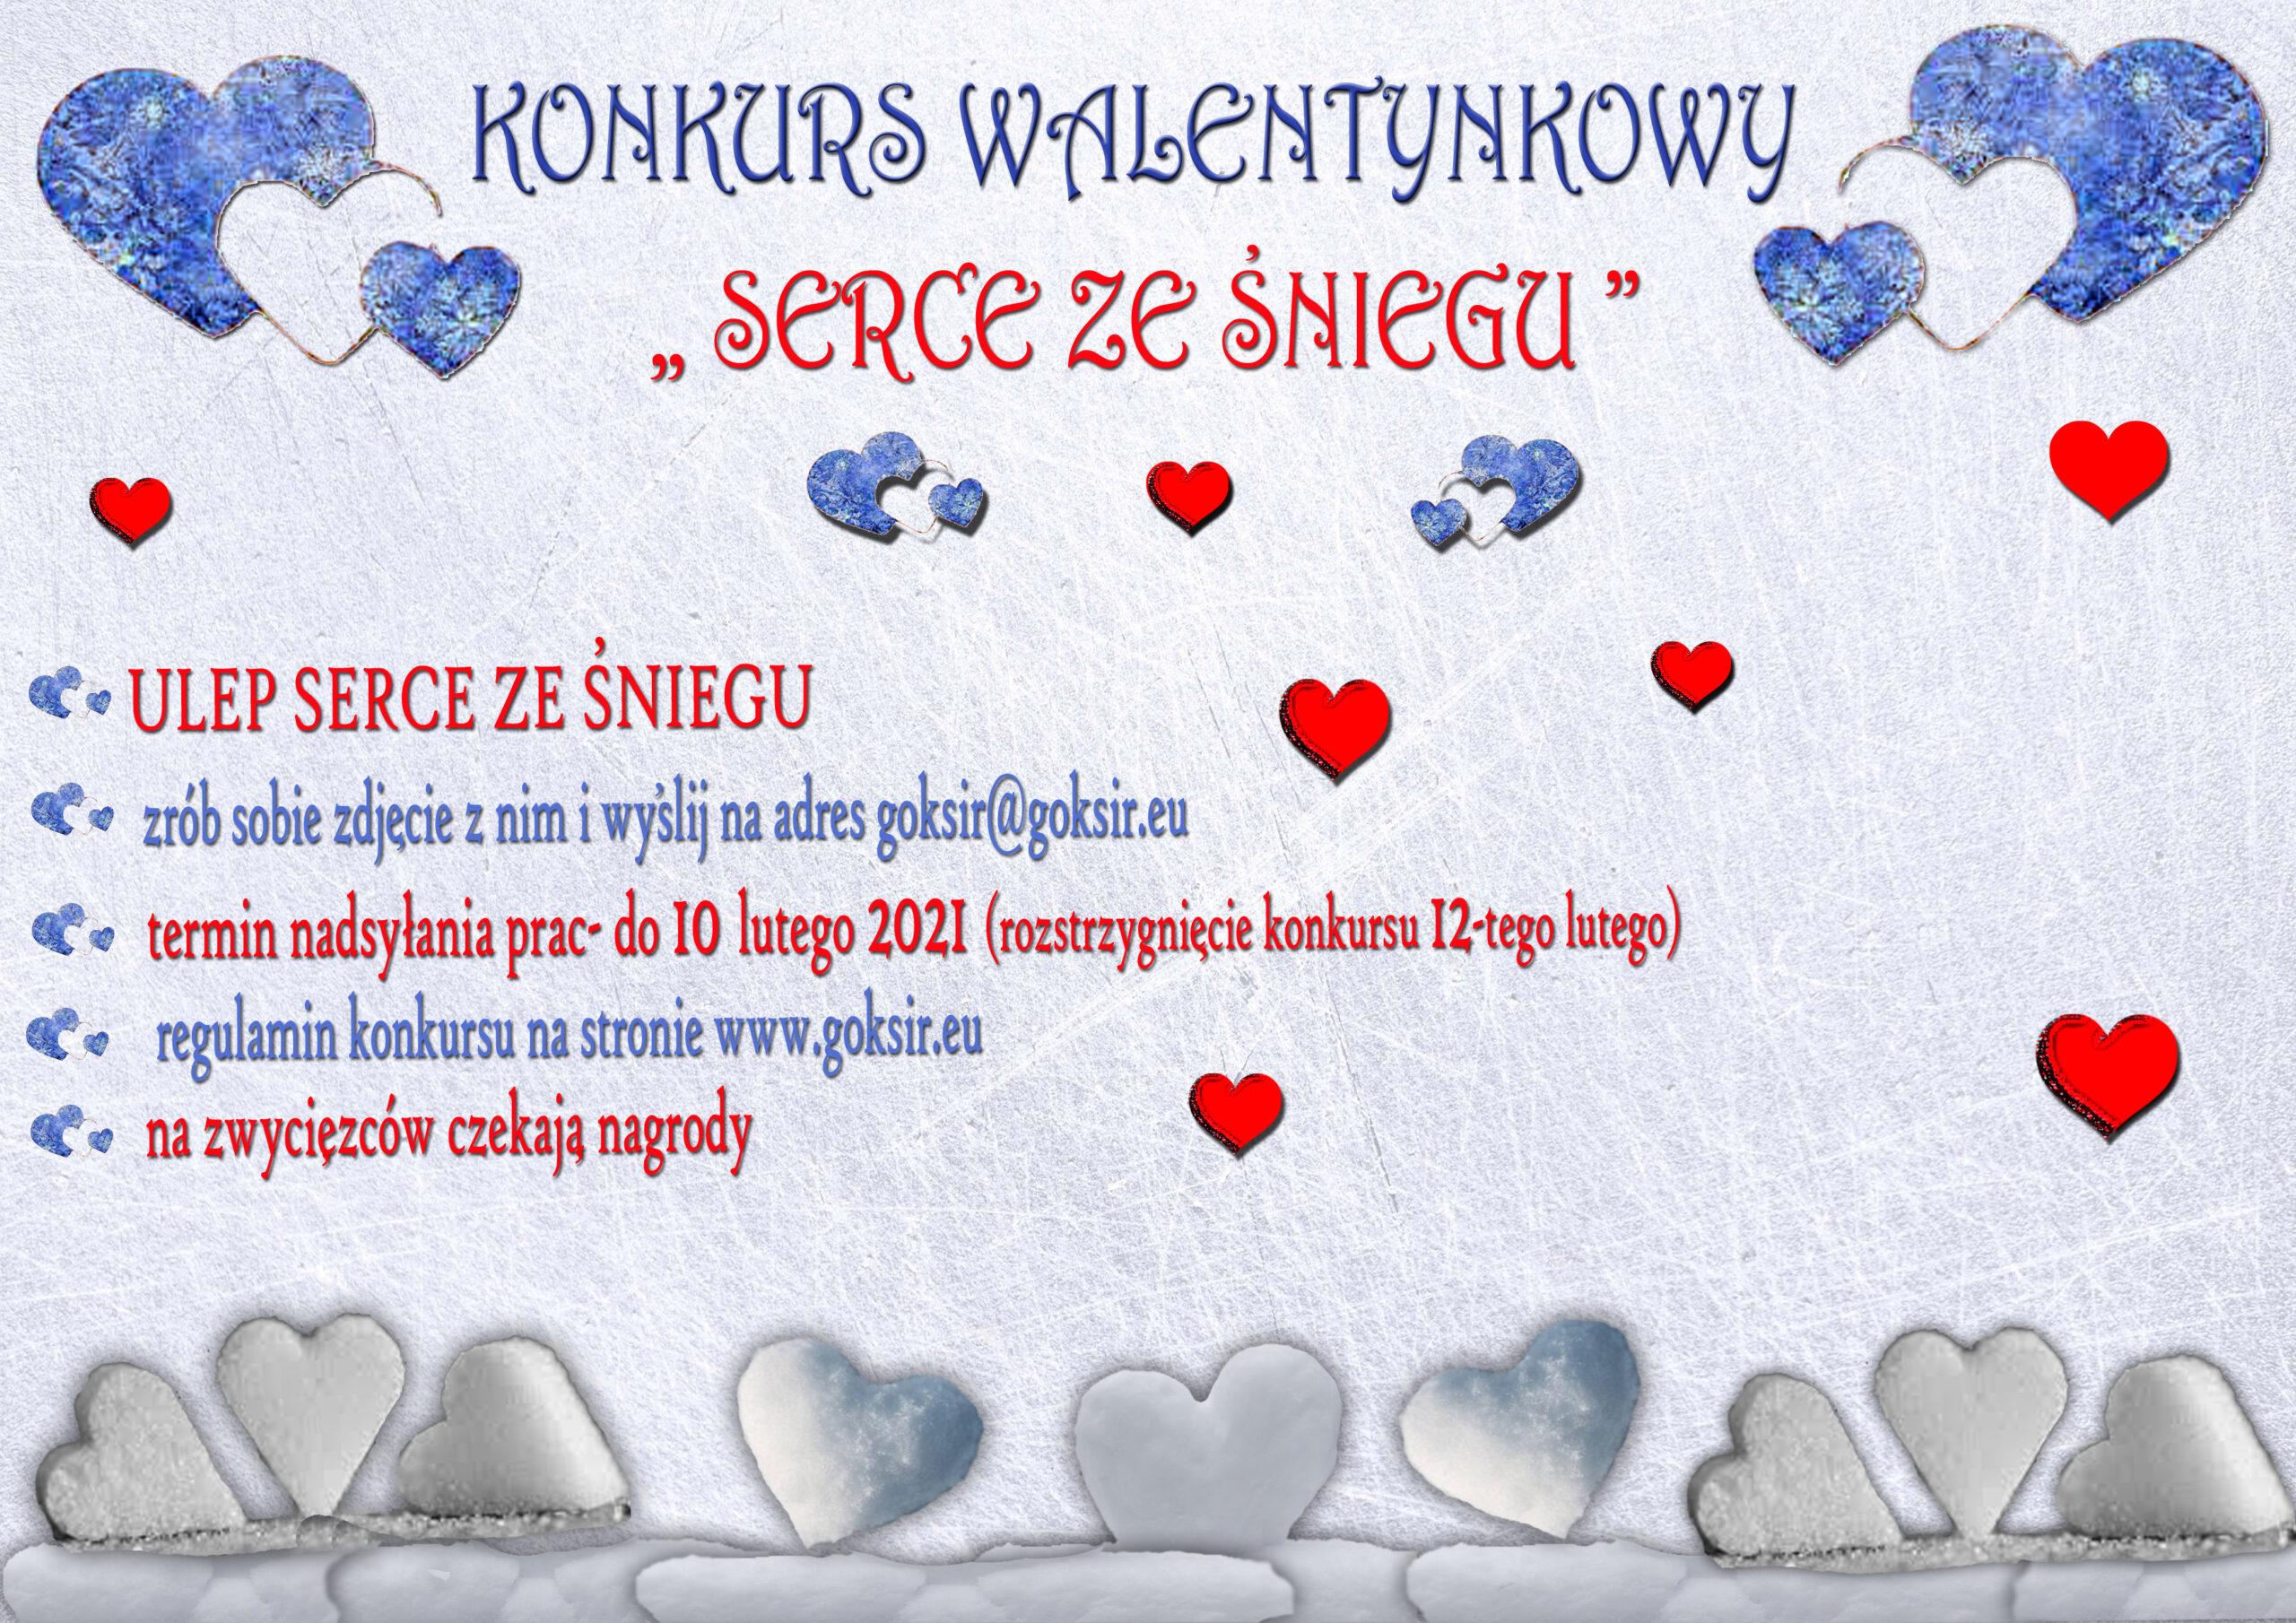 Plakat Konkurs Walentynkowy Serce ze Śniegu. Ulep serce ze śniegu, zrób sobie zdjęcie z nim i wyślij na adres goksir@goksir.eu.| Termin nadsyłania prac do 10 lutego,